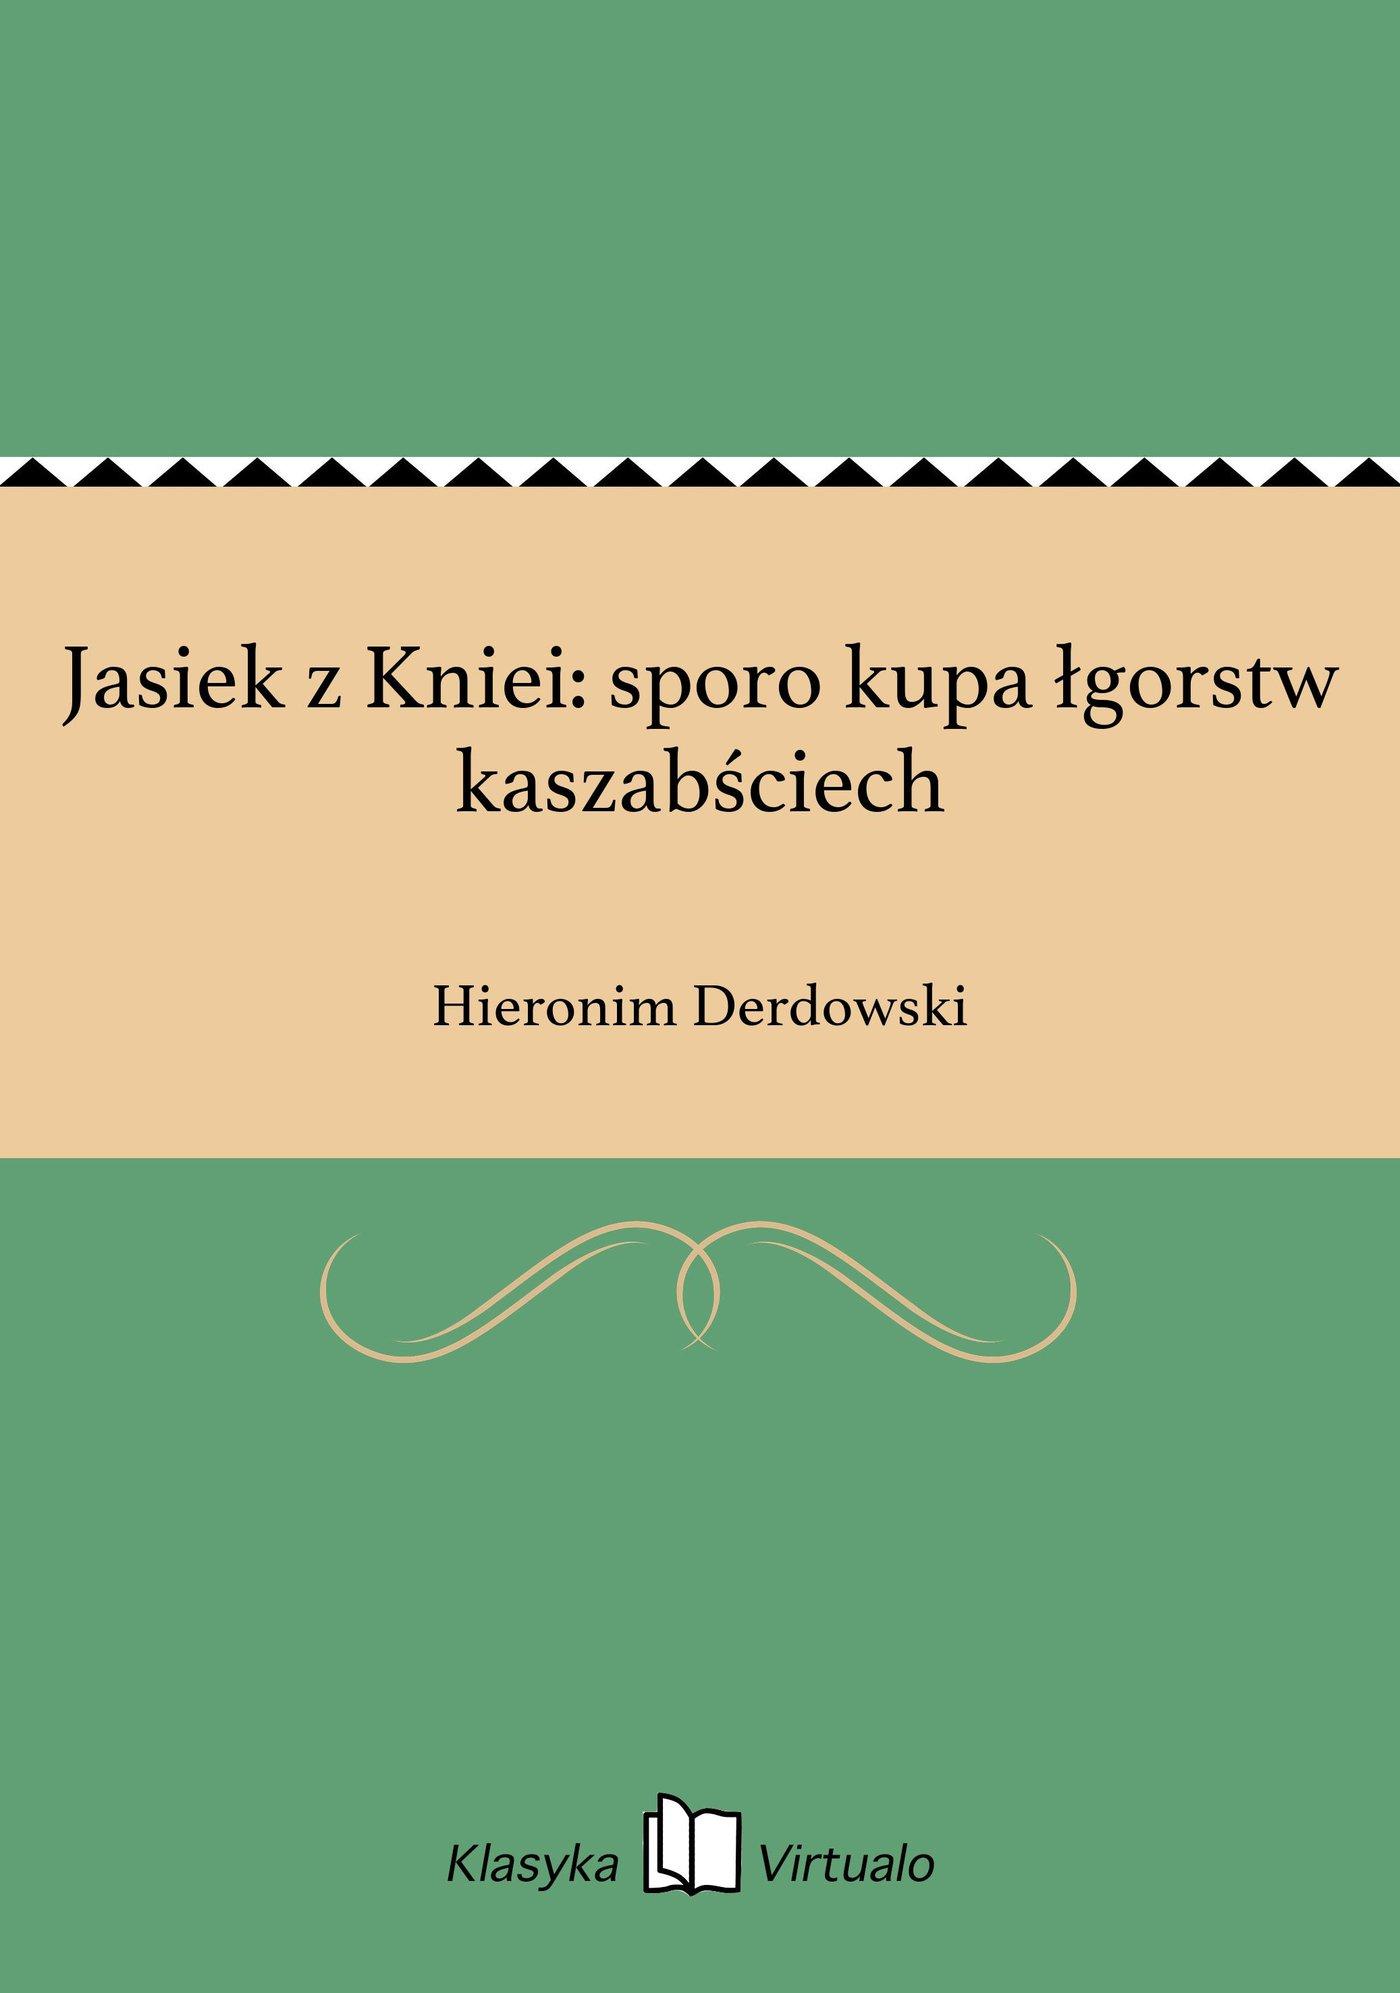 Jasiek z Kniei: sporo kupa łgorstw kaszabściech - Ebook (Książka EPUB) do pobrania w formacie EPUB